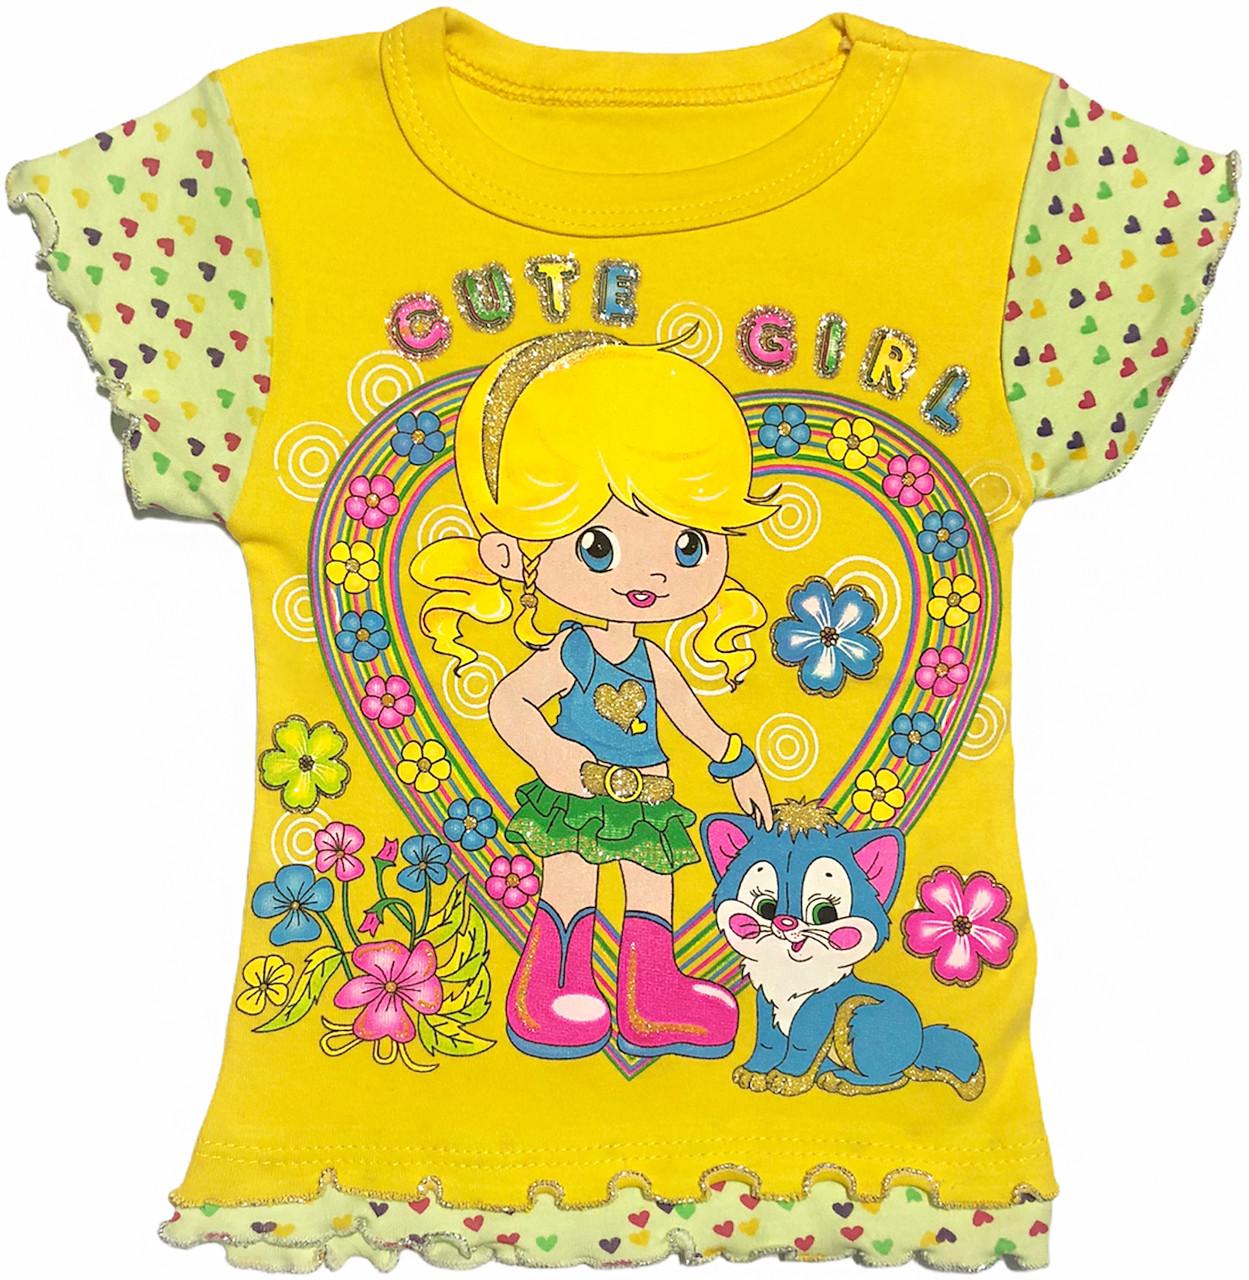 Детская футболка на девочку рост 86 1-1,5 года для новорожденных малышей с принтом красивая трикотажная жёлтая